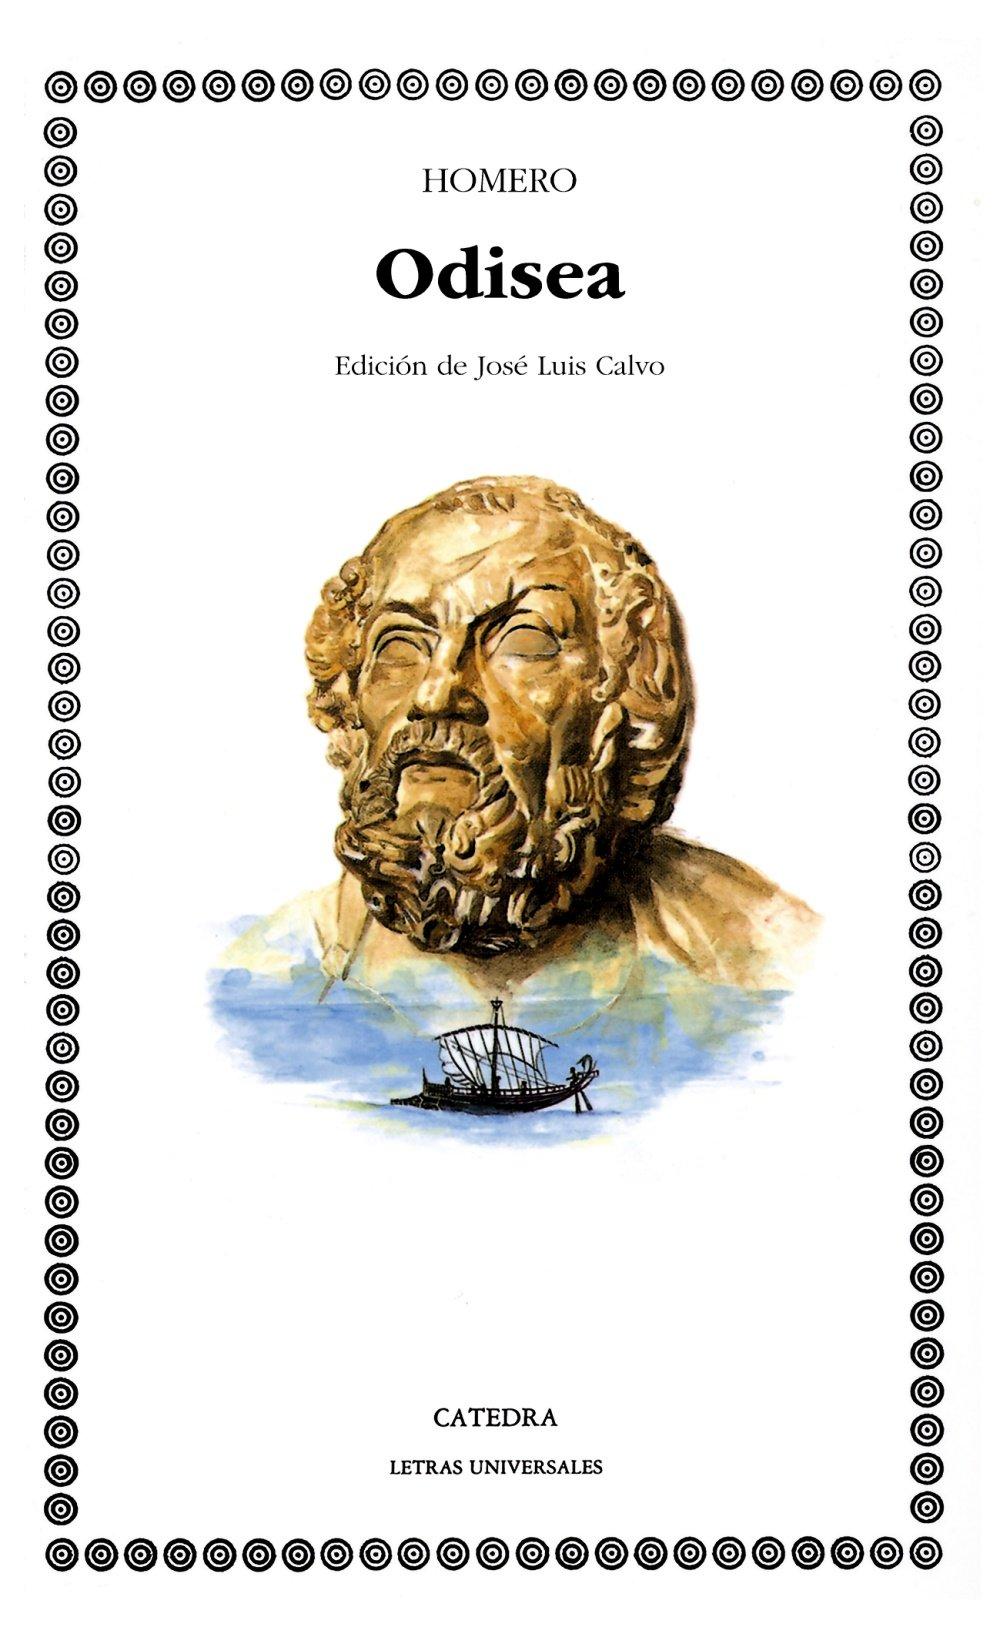 Portada libro - La Odisea